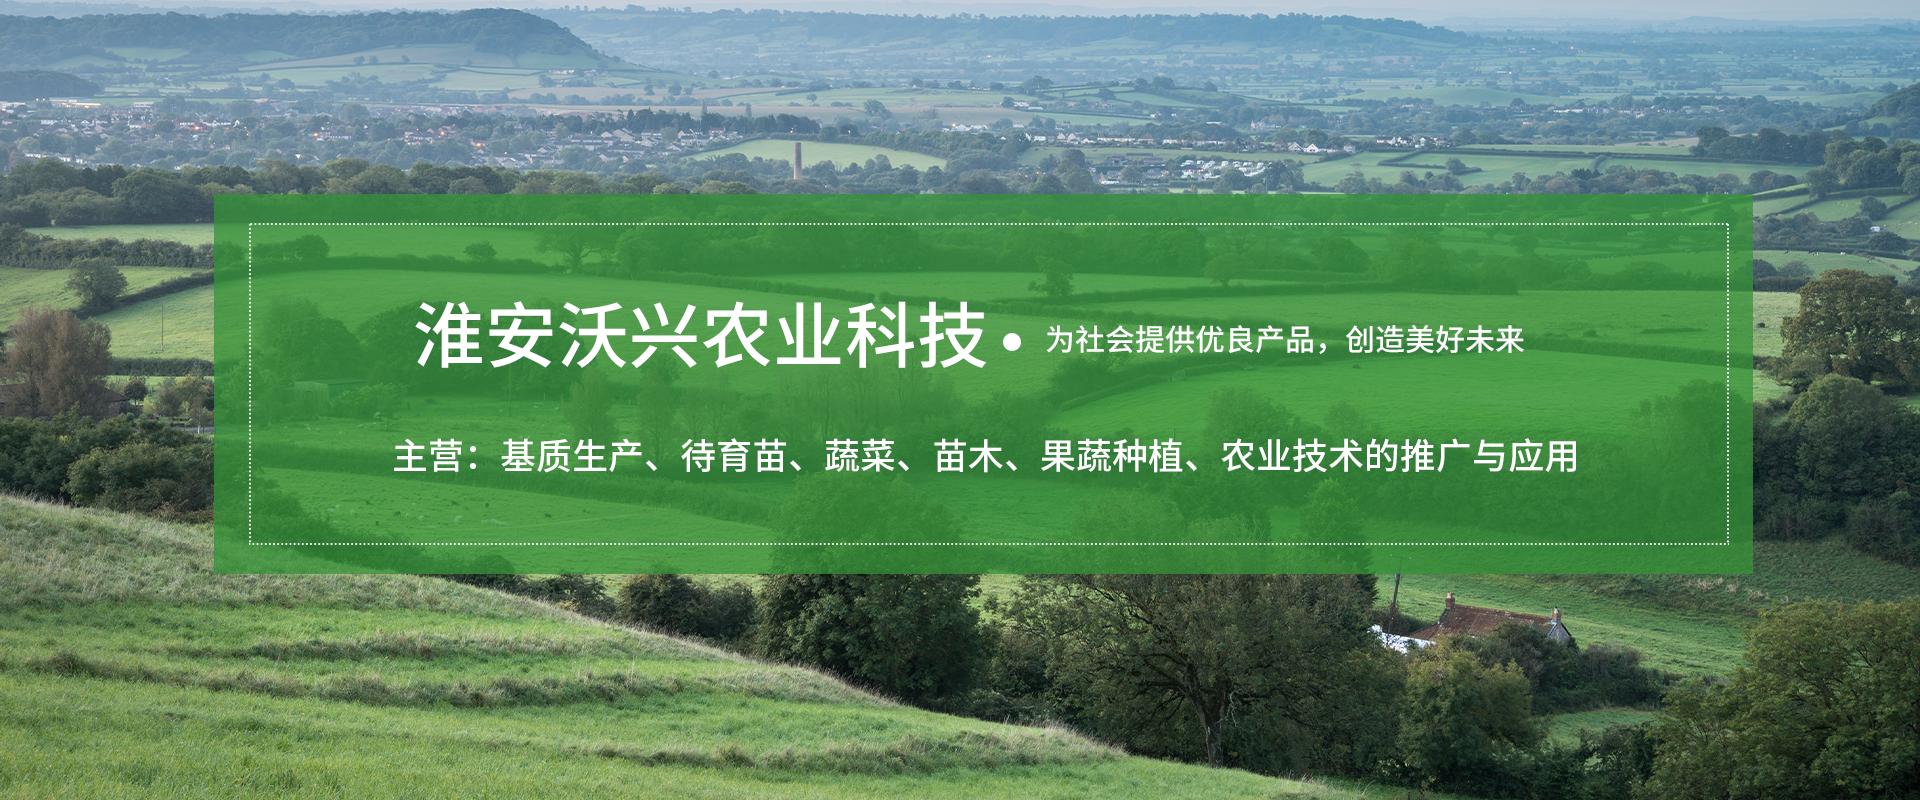 淮安市沃兴农业科技有限公司